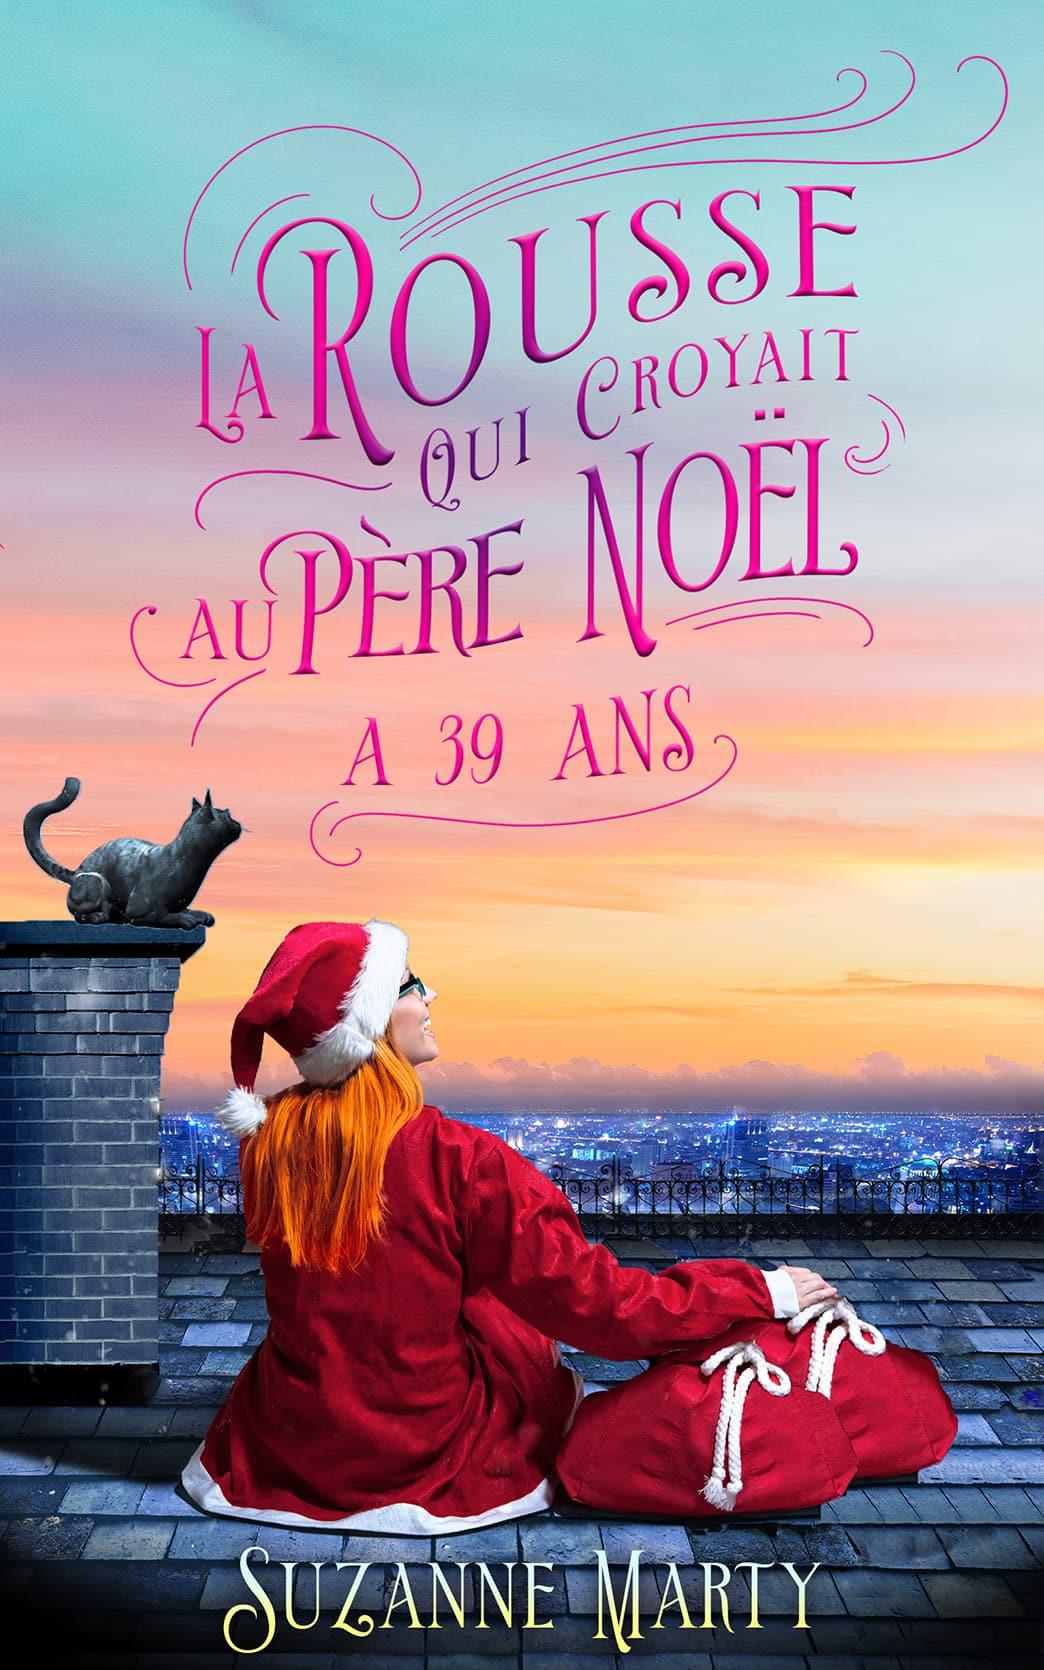 Couverture du roman La rousse qui croyait au père Noël a 39 ans